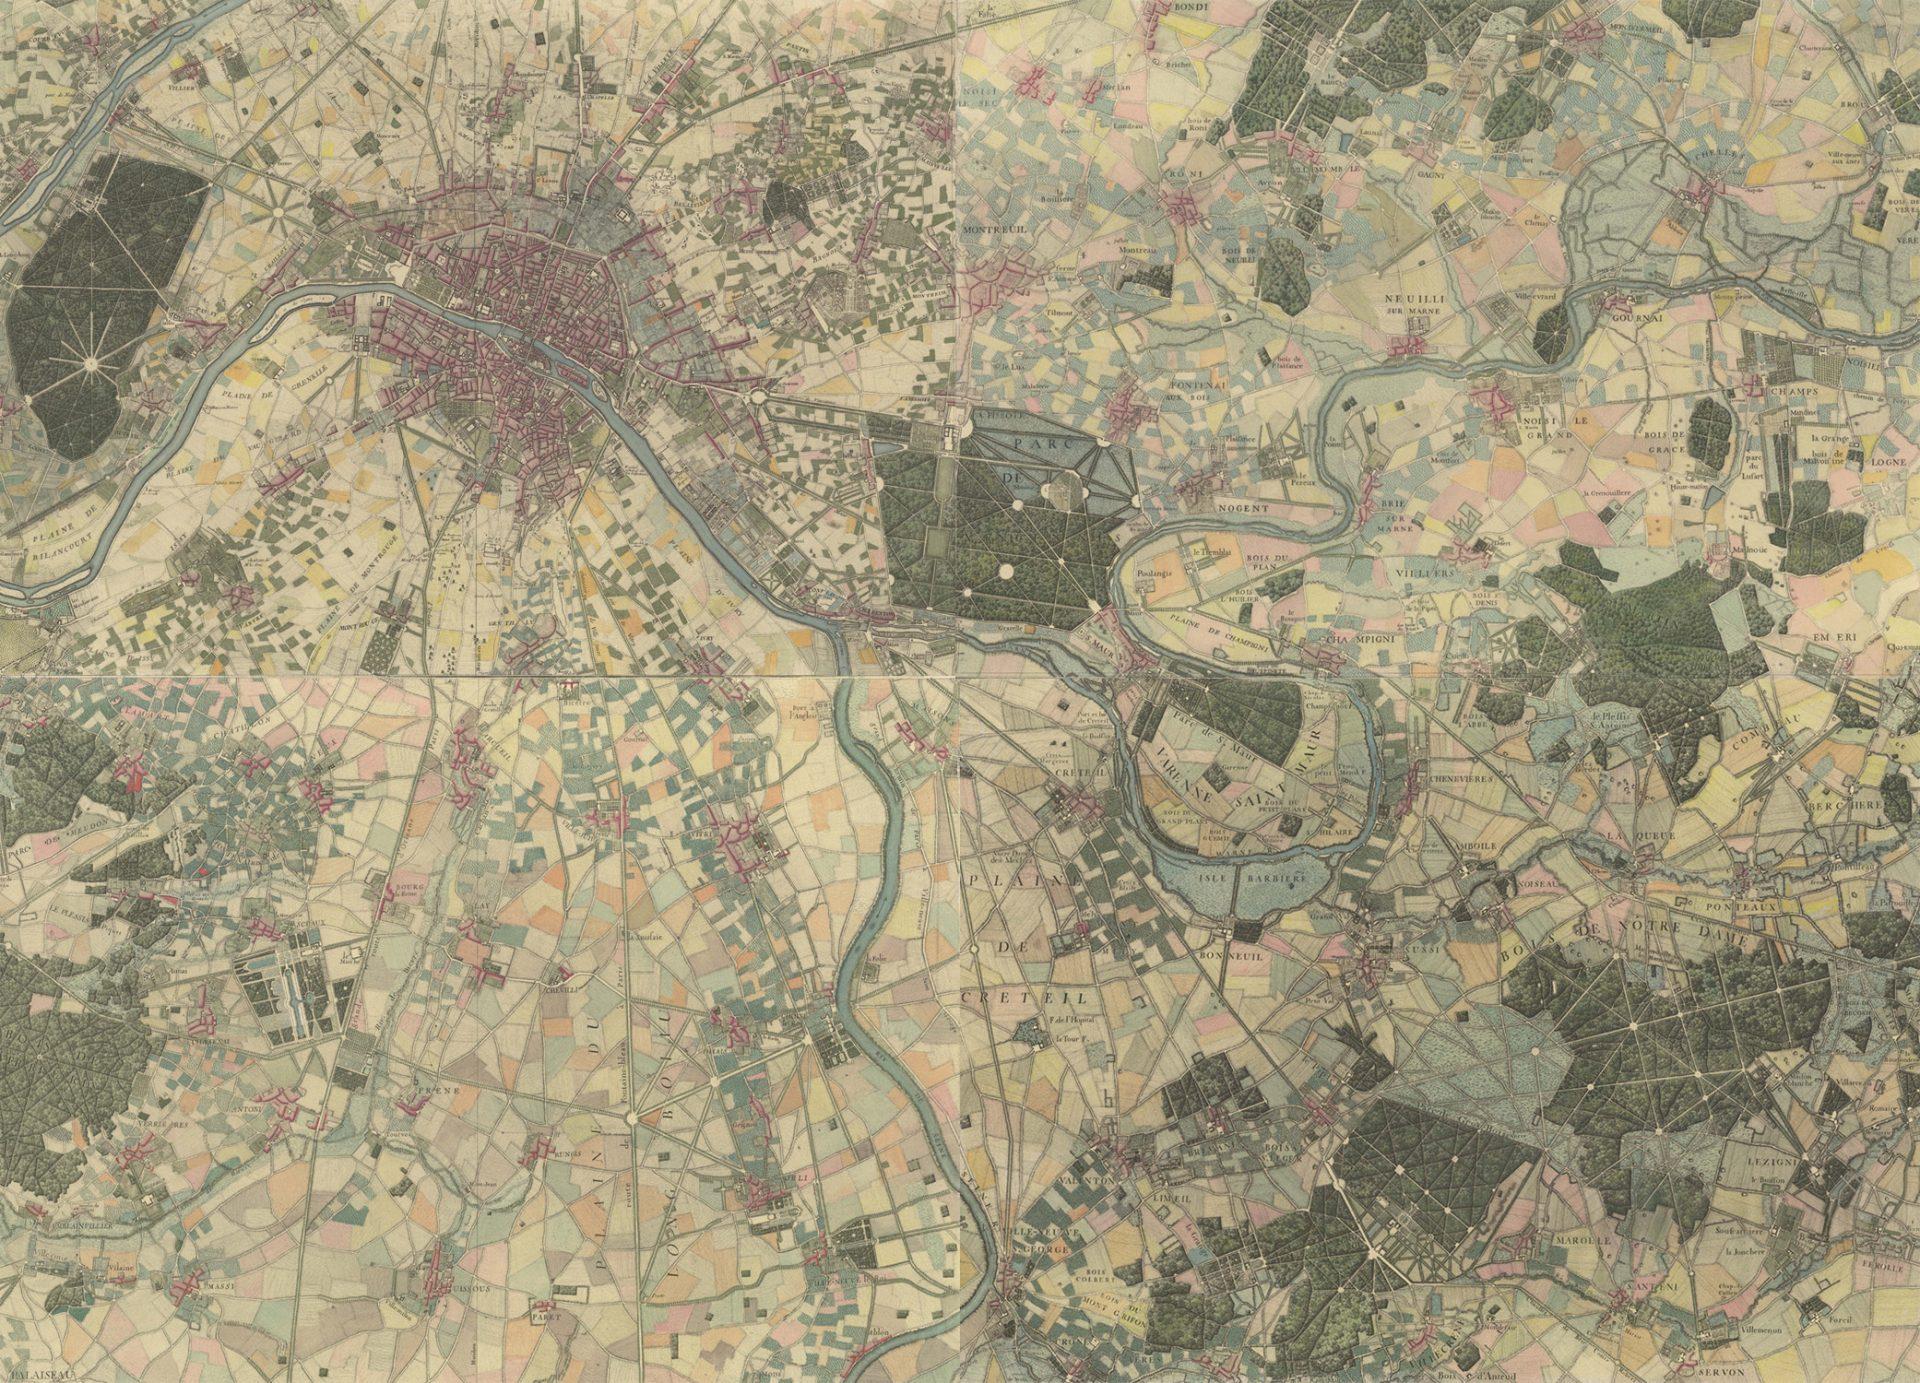 Delagrive Environs de Paris levés géométriquement